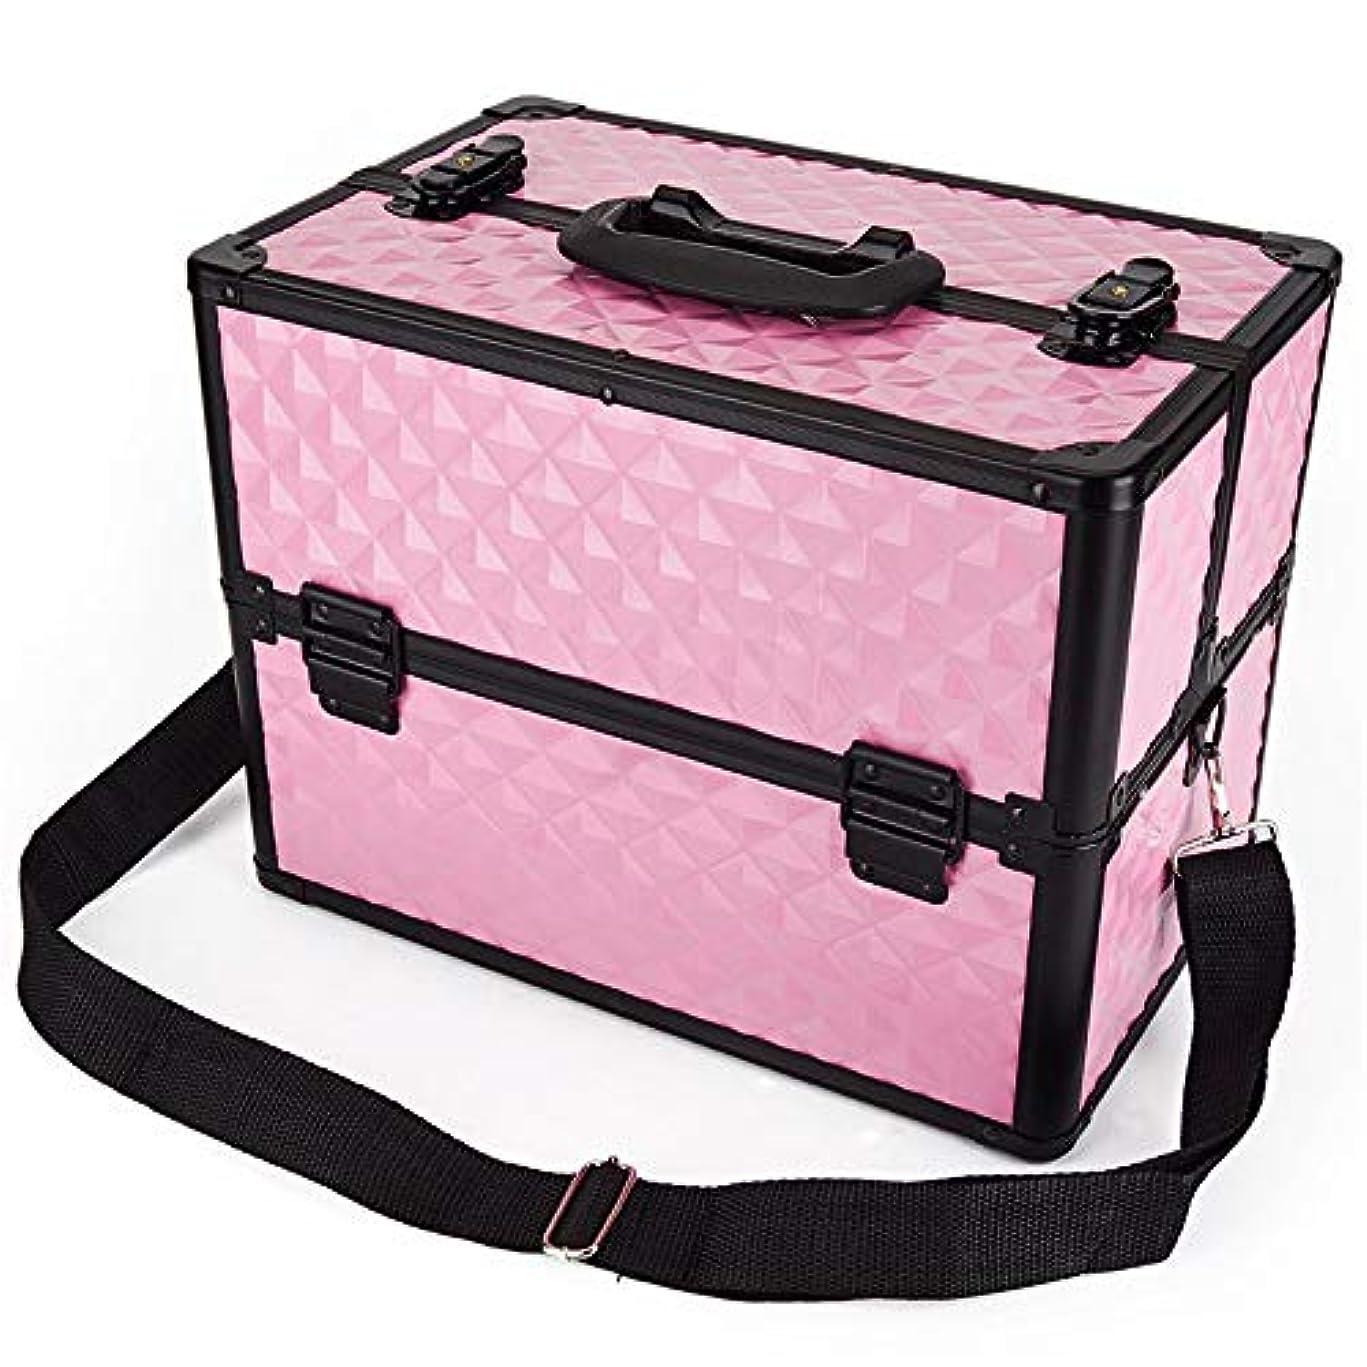 散逸従事する基本的な化粧オーガナイザーバッグ 多機能ポータブルプロの旅行メイクアップバッグパターンメイクアップアーティストケーストレインボックス化粧品オーガナイザー収納用十代の女の子女性アーティスト 化粧品ケース (色 : ピンク)